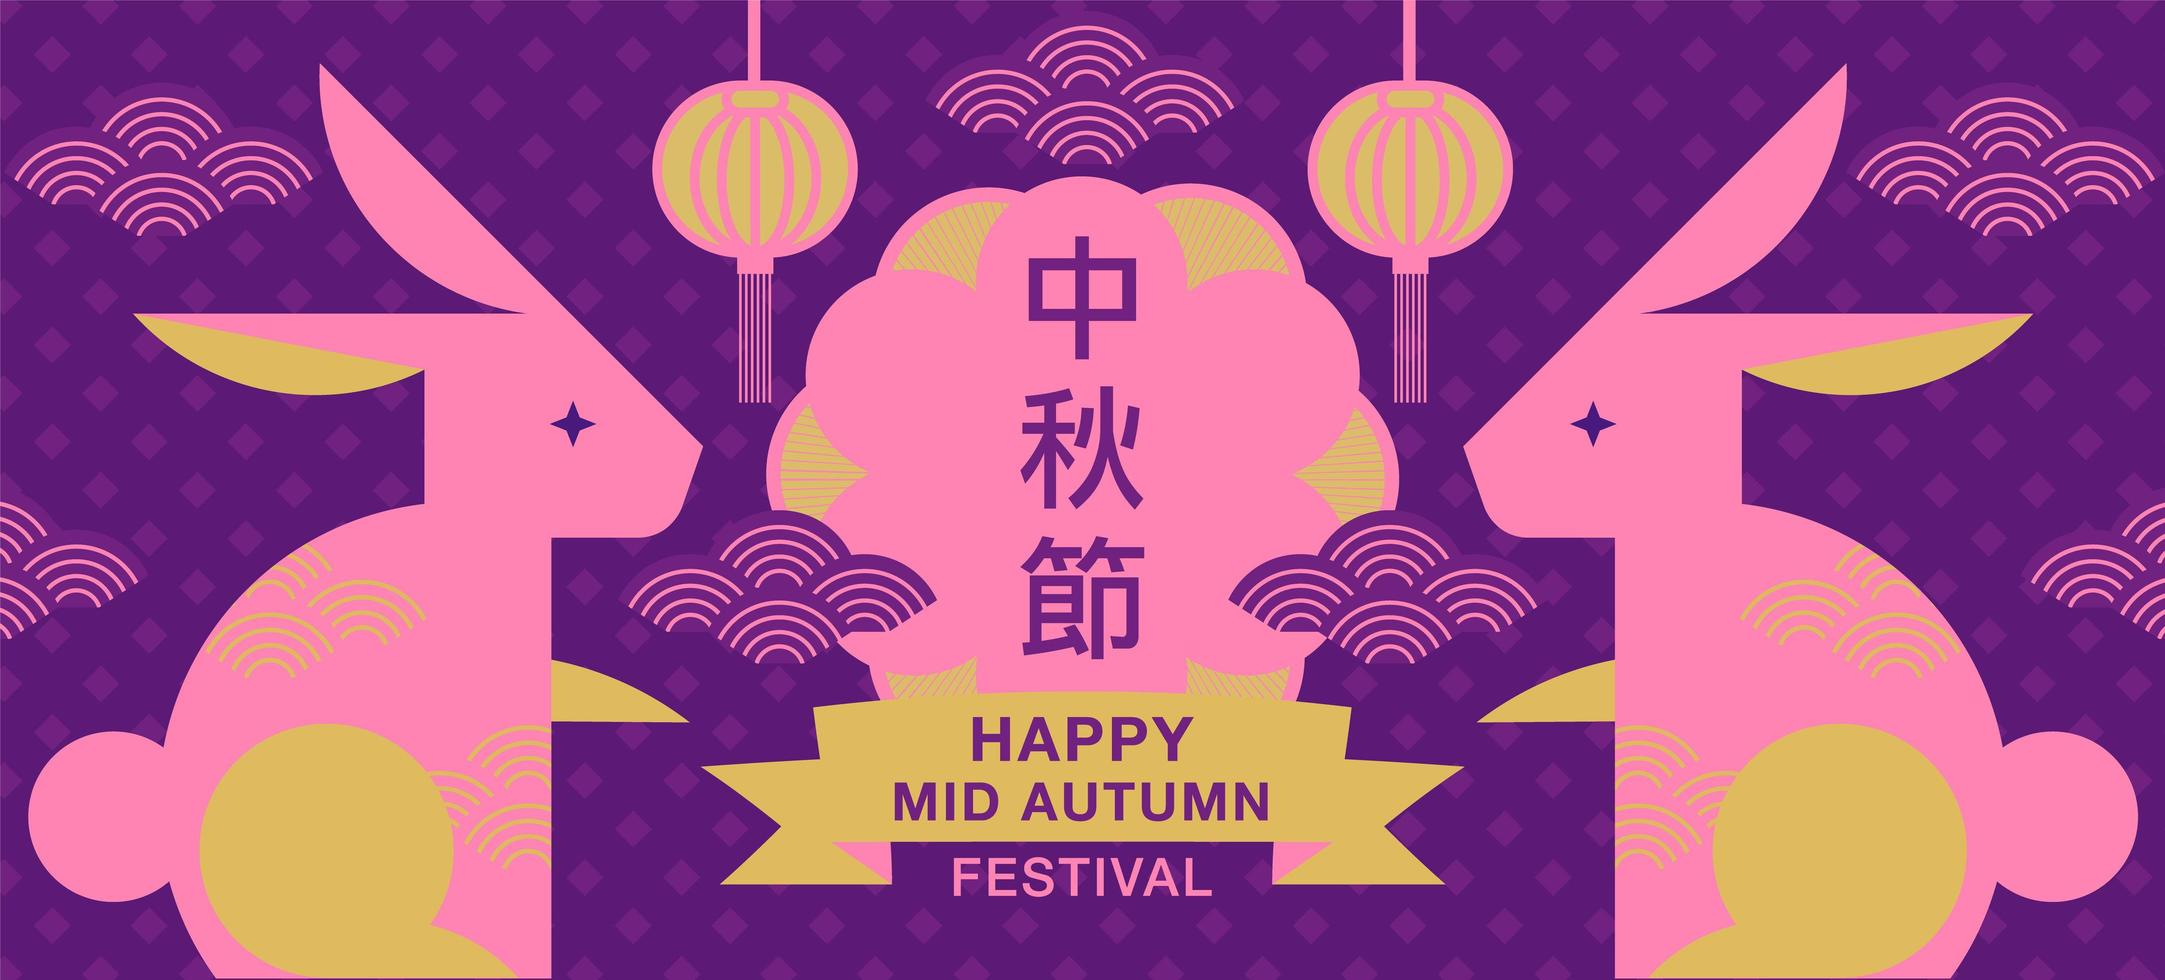 glad mitten av hösten festival banner med rosa kaniner vektor